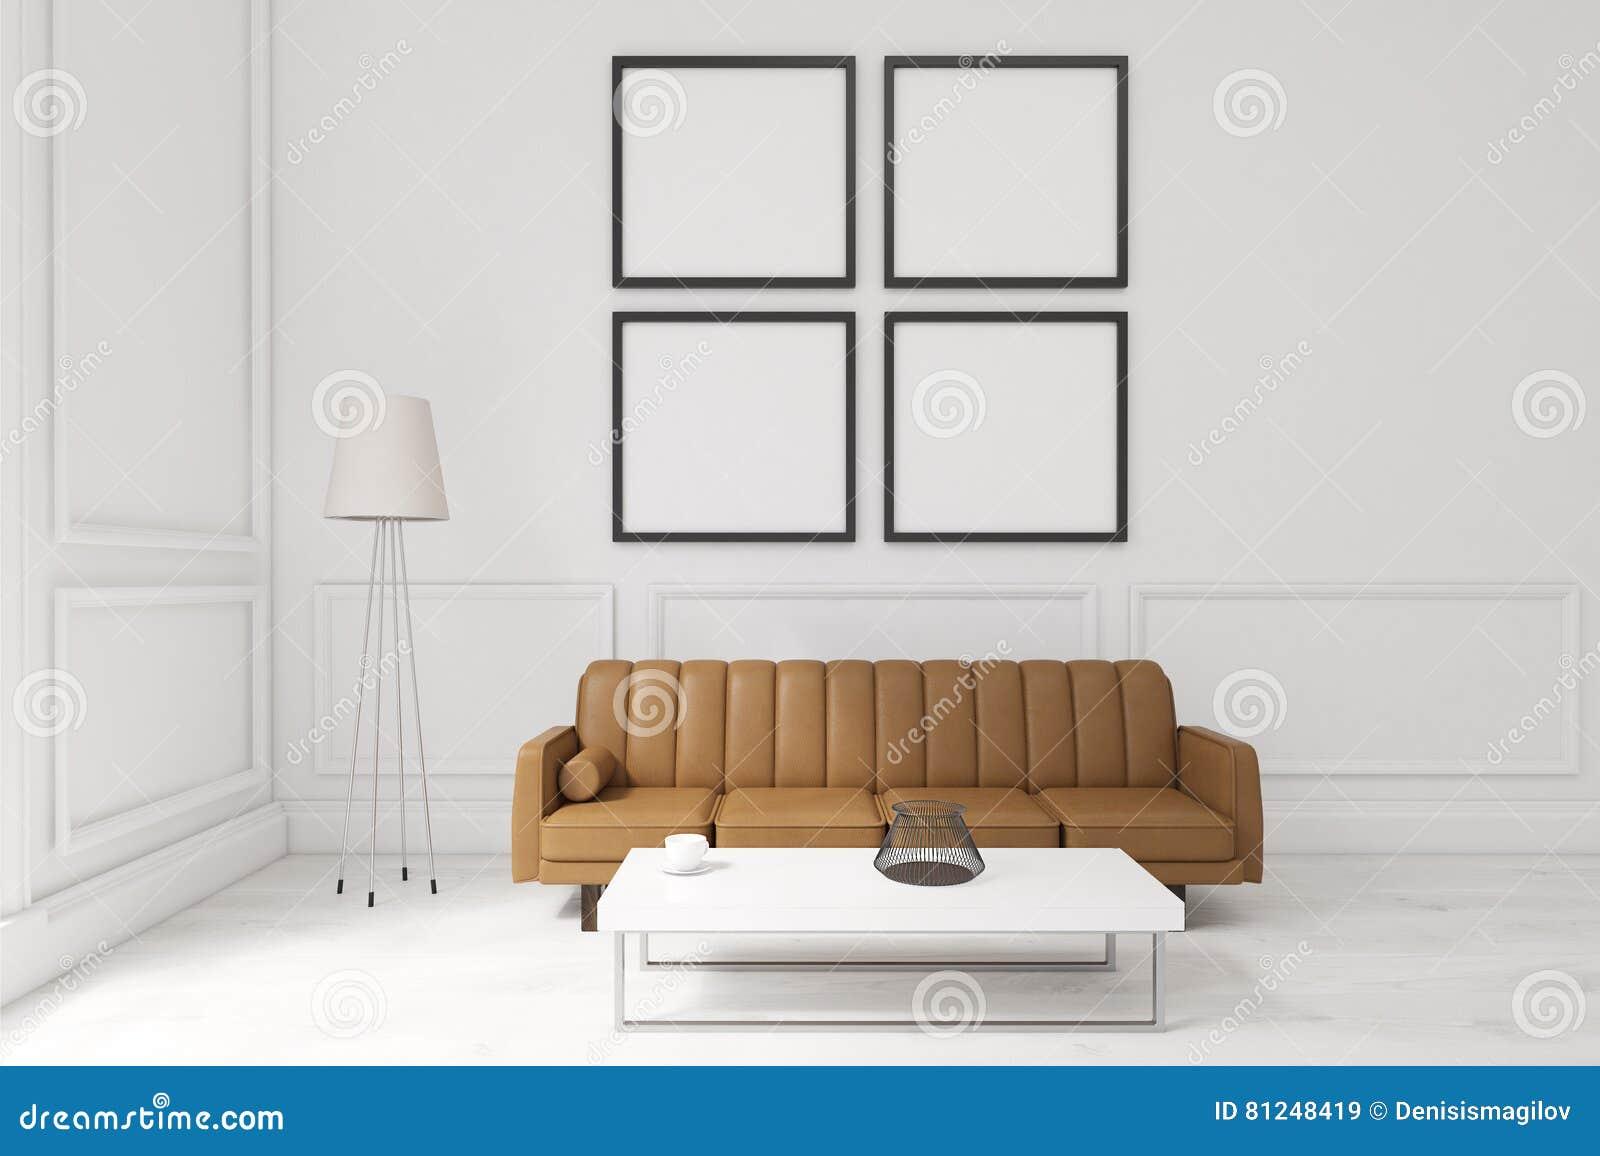 Table Basse Grand Salon salon avec quatre affiches, sofa brun et une table basse